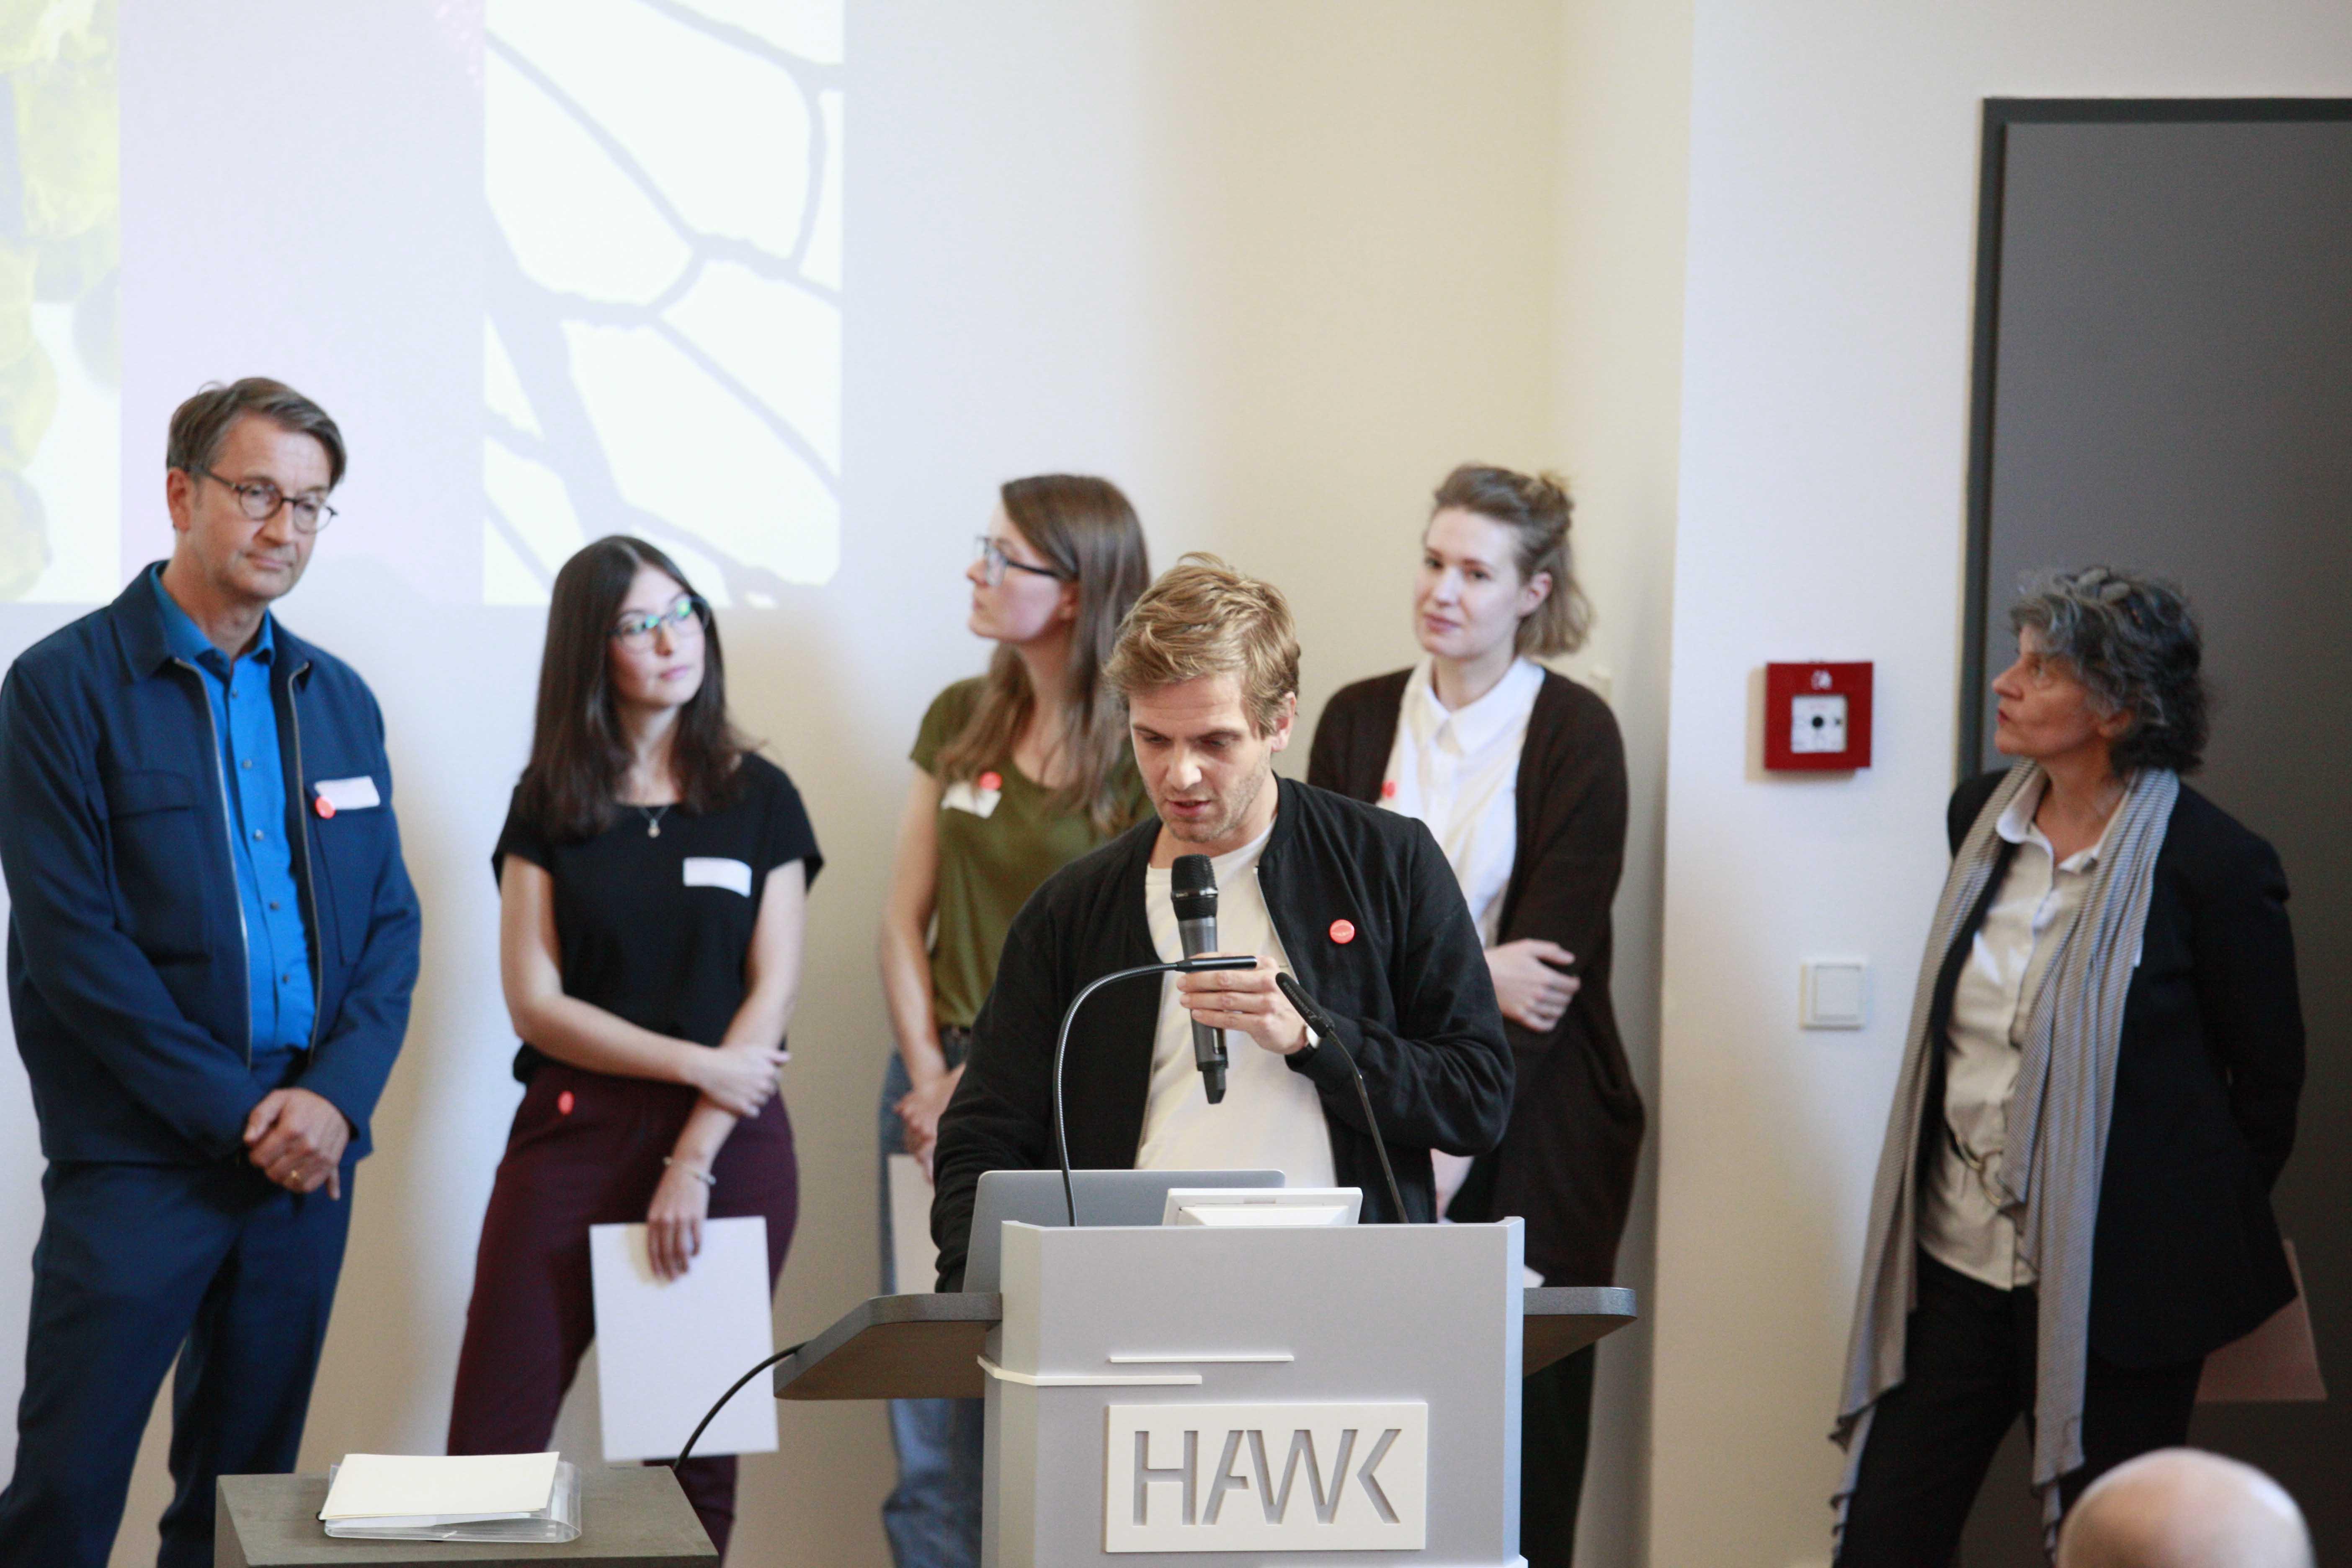 HAWK-Farbe_im_Design_2018_MG_8423_c_Kevin_Momoh